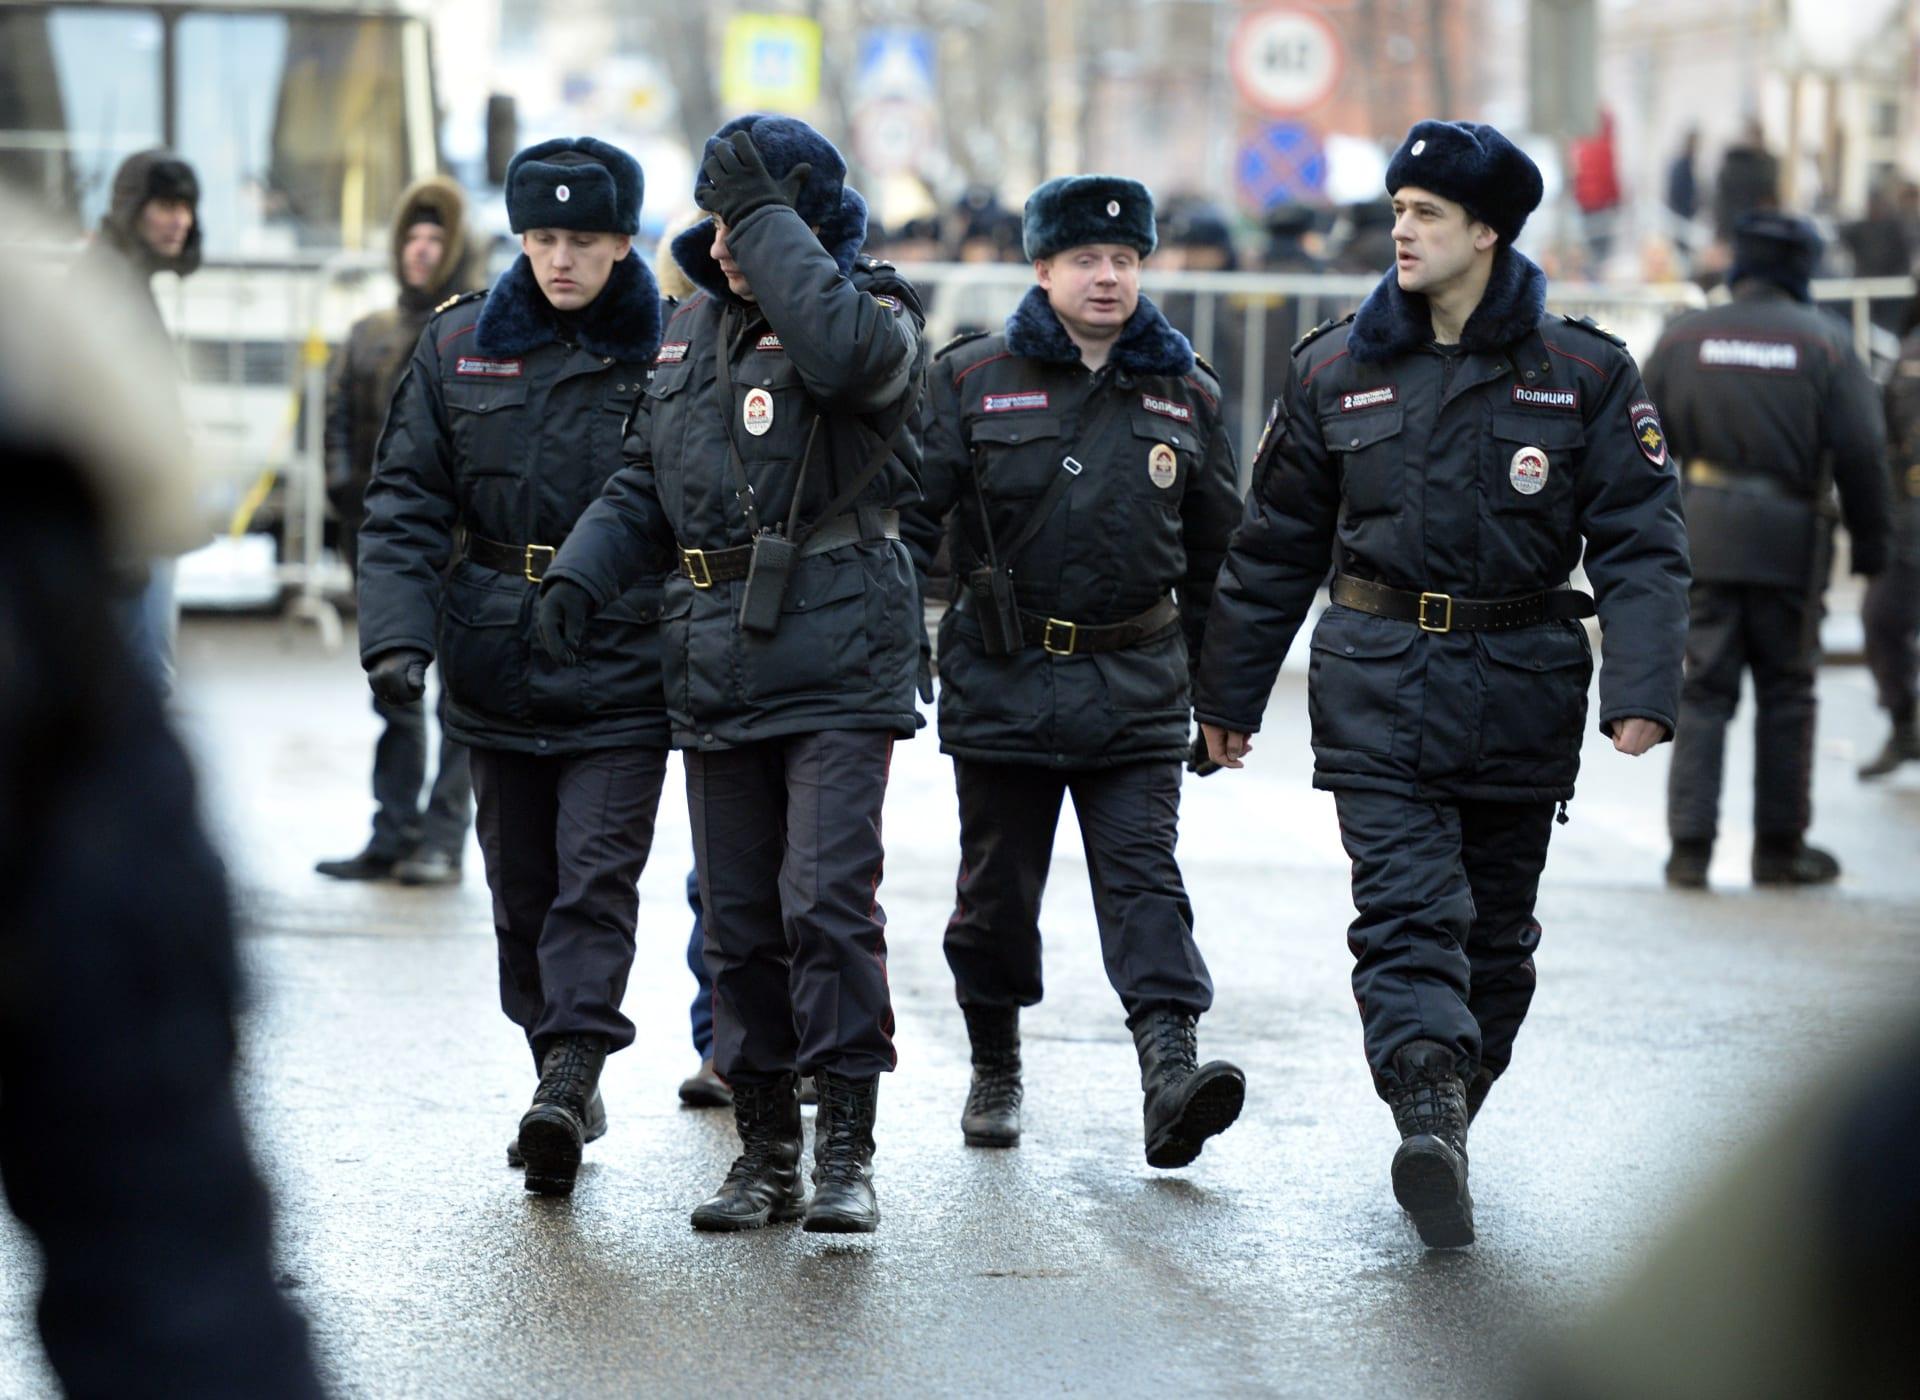 """روسيا: اعتقال 7 أشخاص يُشتبه انتماؤهم لـ""""داعش"""" خططوا لهجمات في موسكو.. وزعيمهم من جماعة إرهابية تركية"""